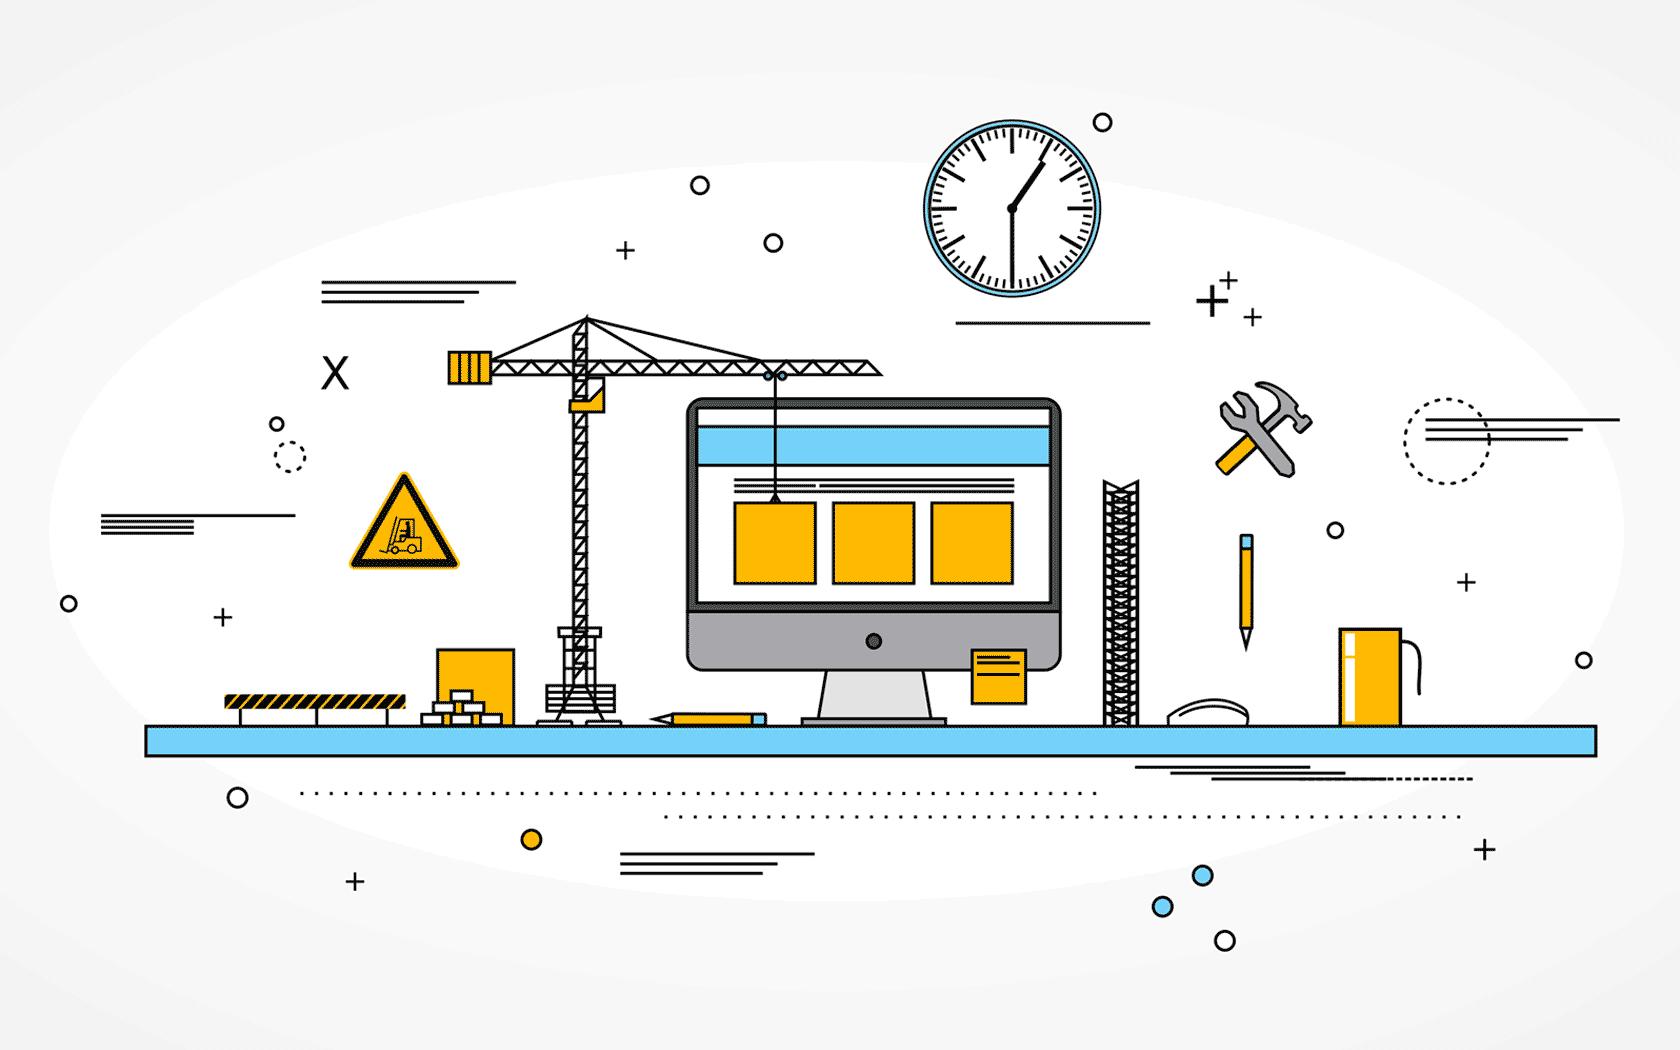 Herramientas de instalación, mundo framework